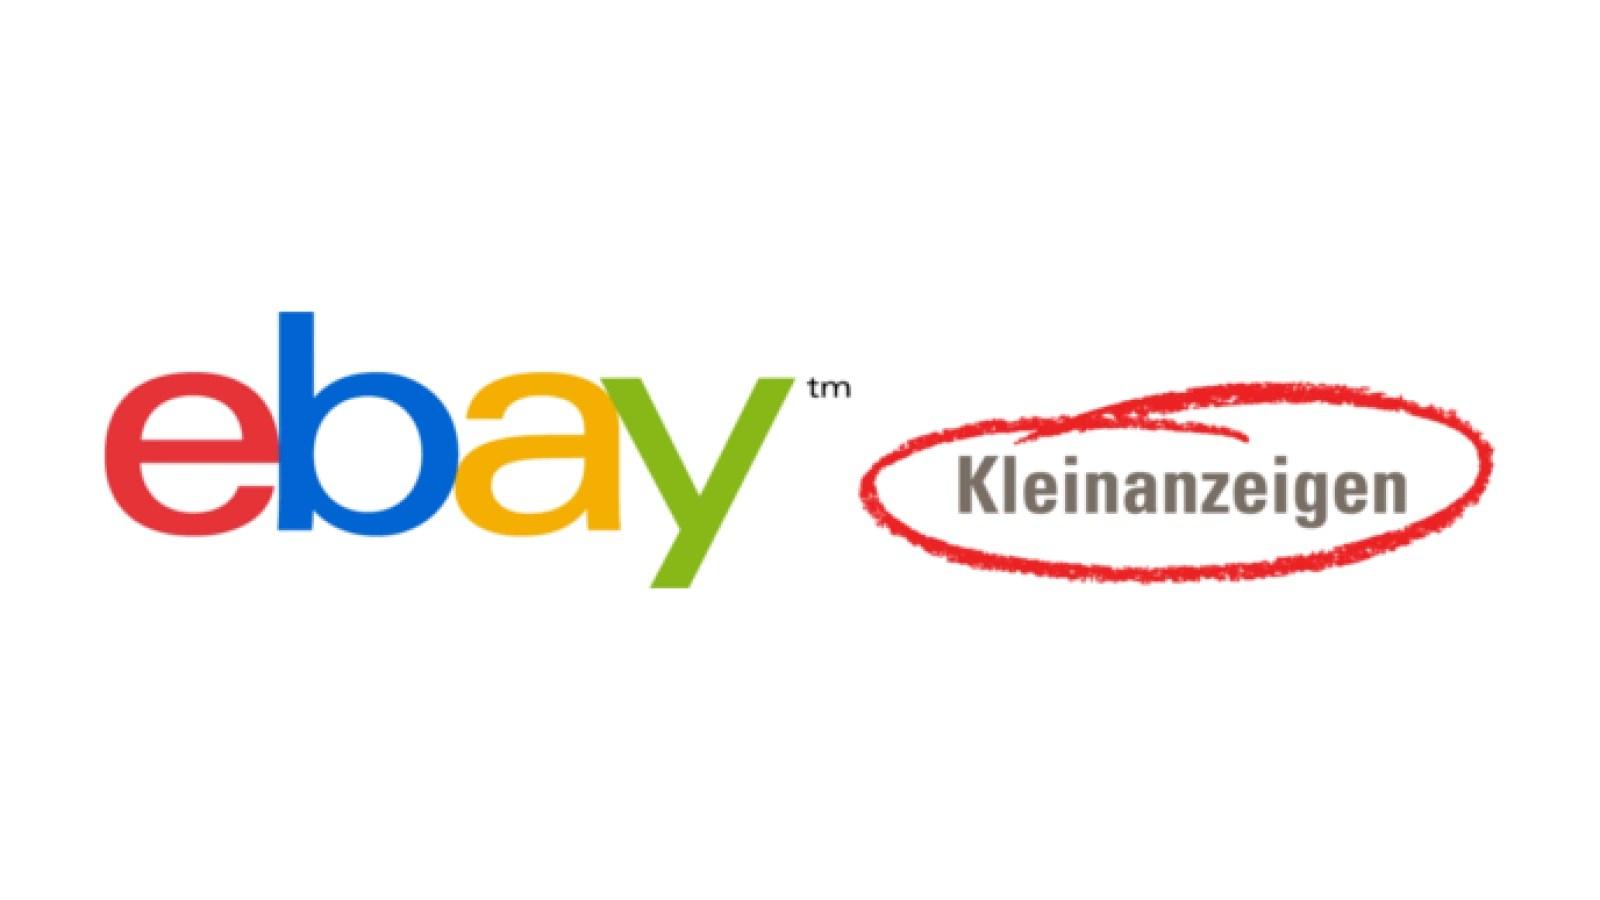 Ebay Kleinanzeigen Suche Liefert Keine Treffer Zurück